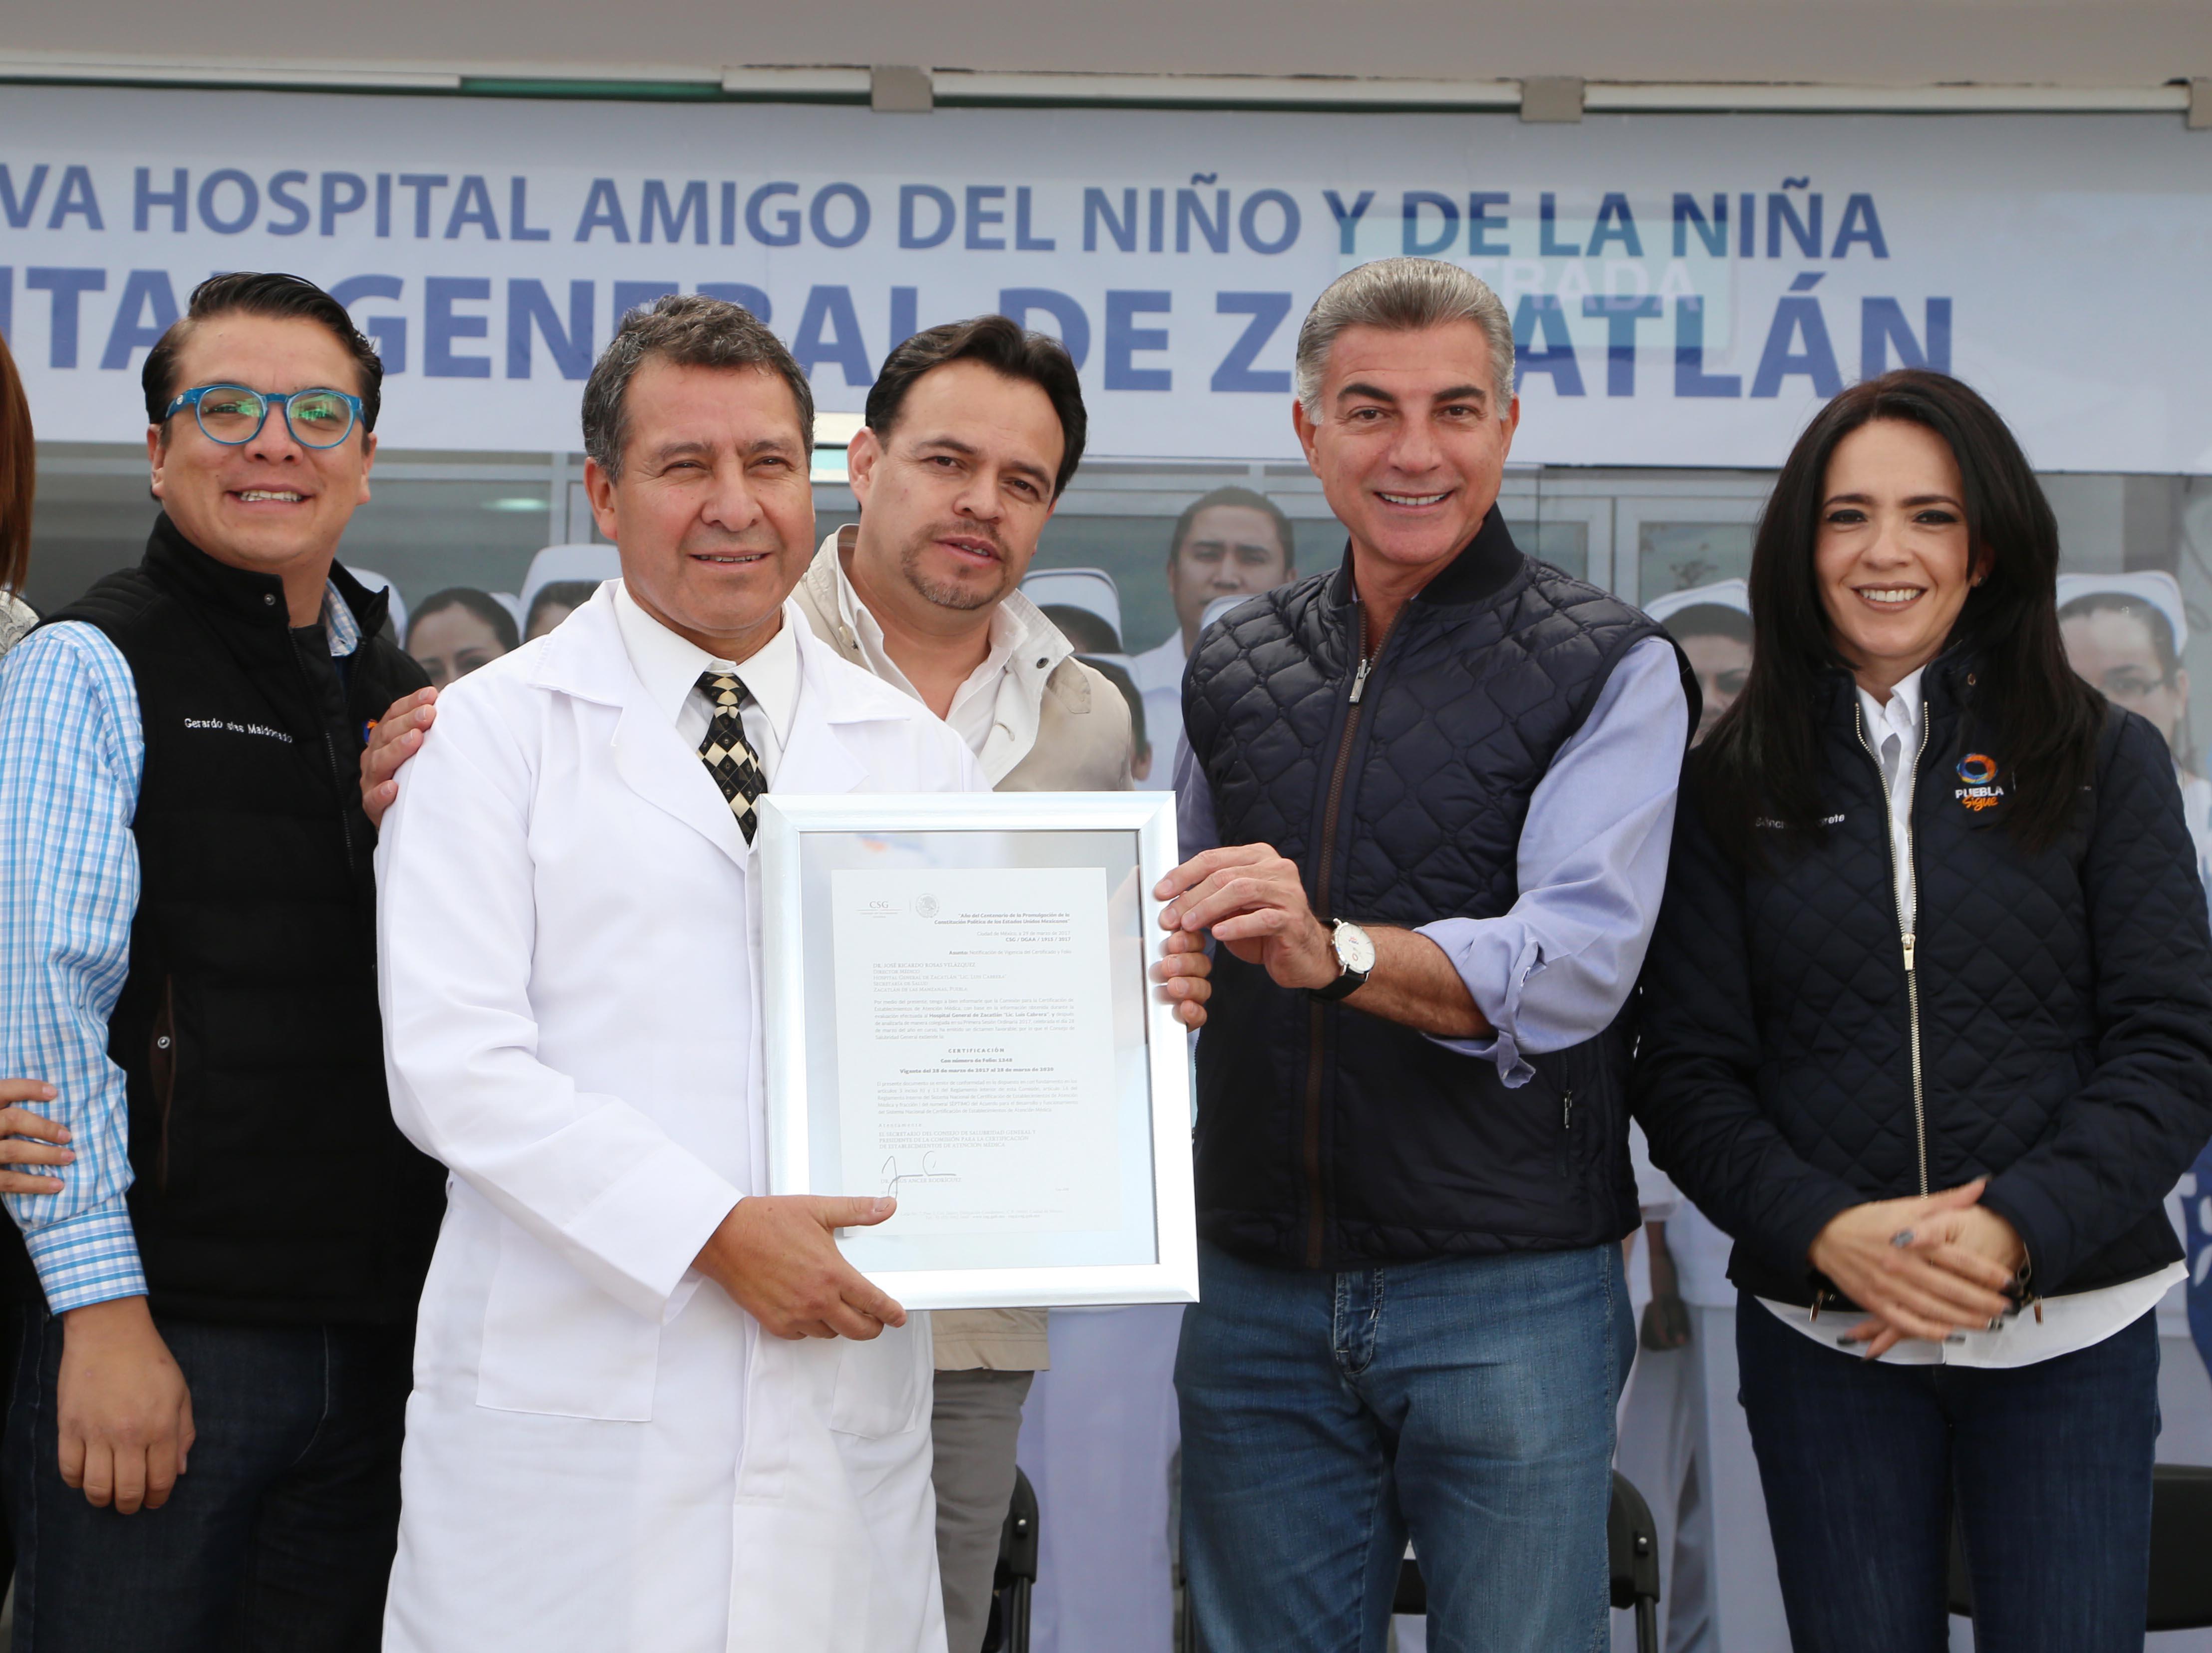 Recibe Gali certificación del Hospital General de Zacatlán